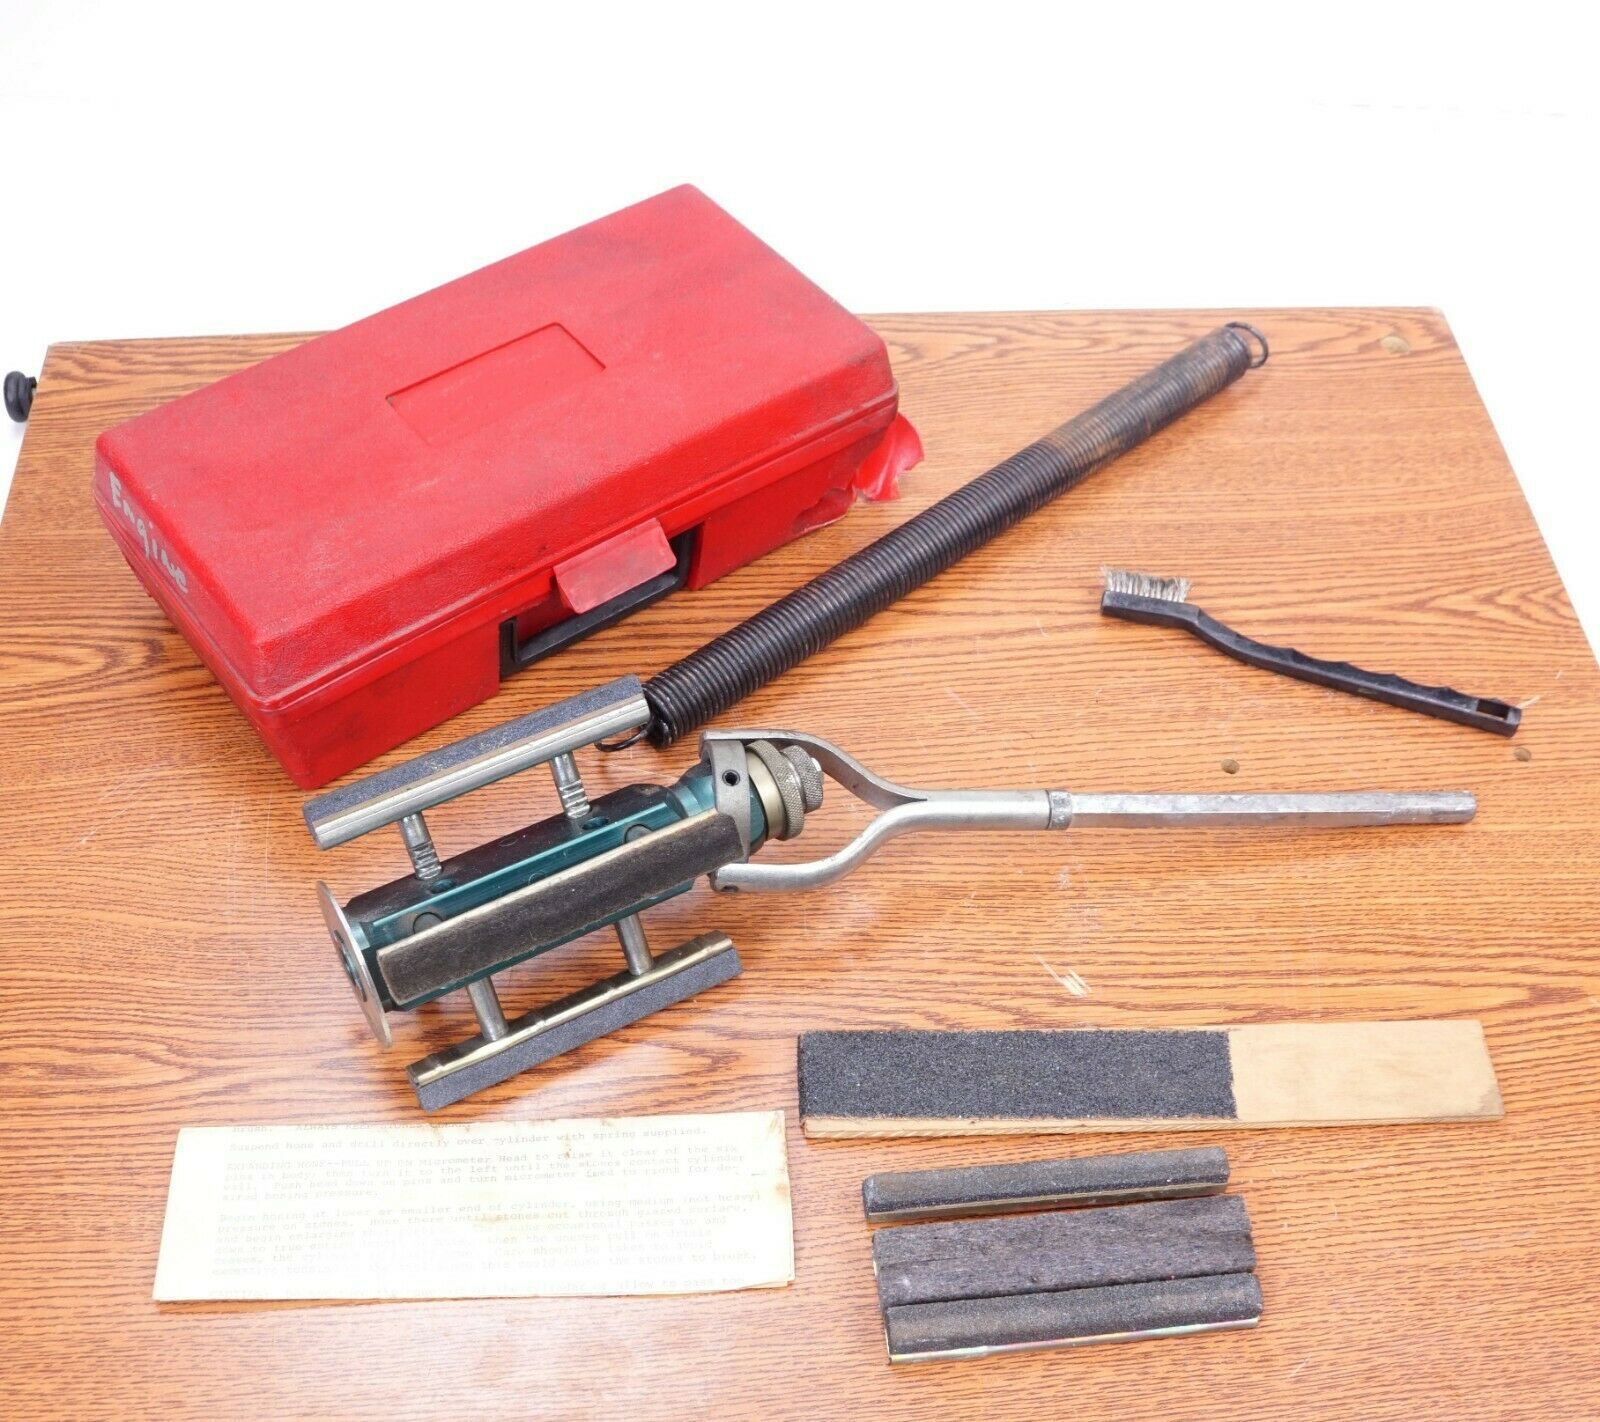 Lisle 1500 Portable Cylinder Hone